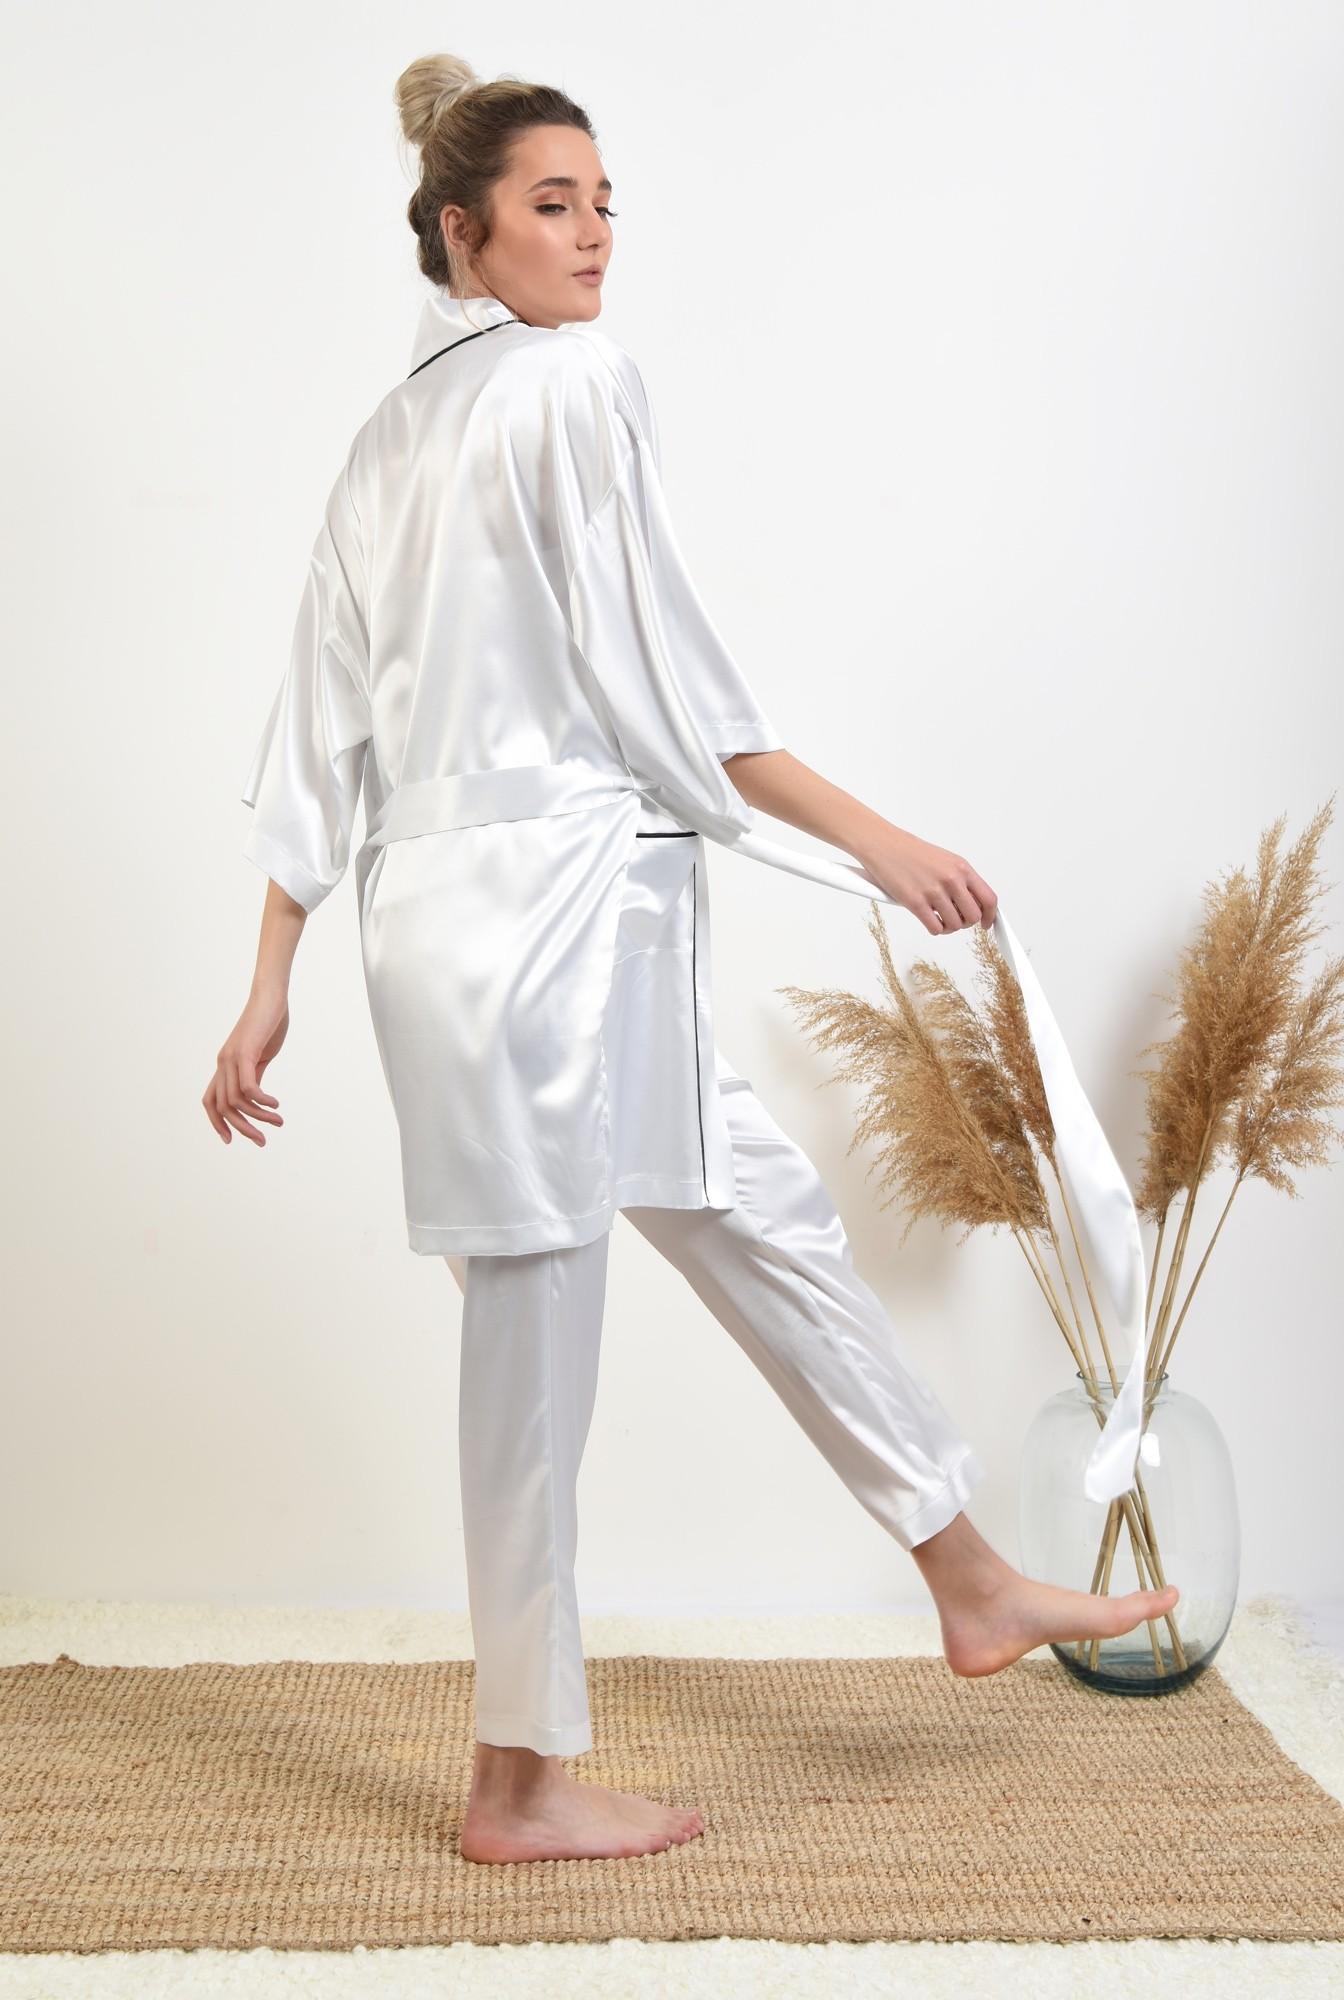 1 -  halat din satin, alb, cu insertii in contrast, cu buzunare, cu cordon